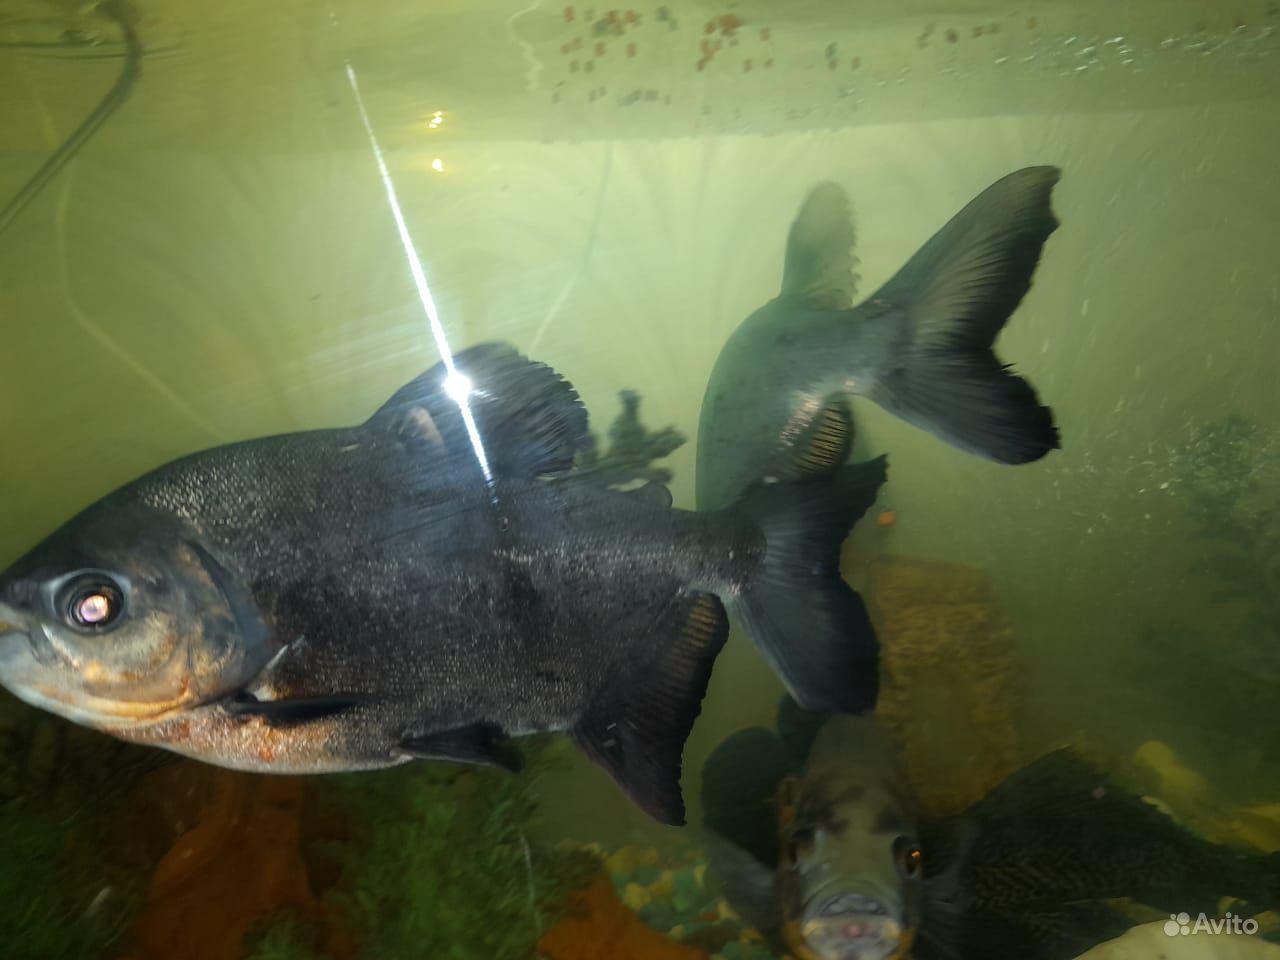 Рыбы с аквариумом и всеми удобствами для них купить на Зозу.ру - фотография № 3